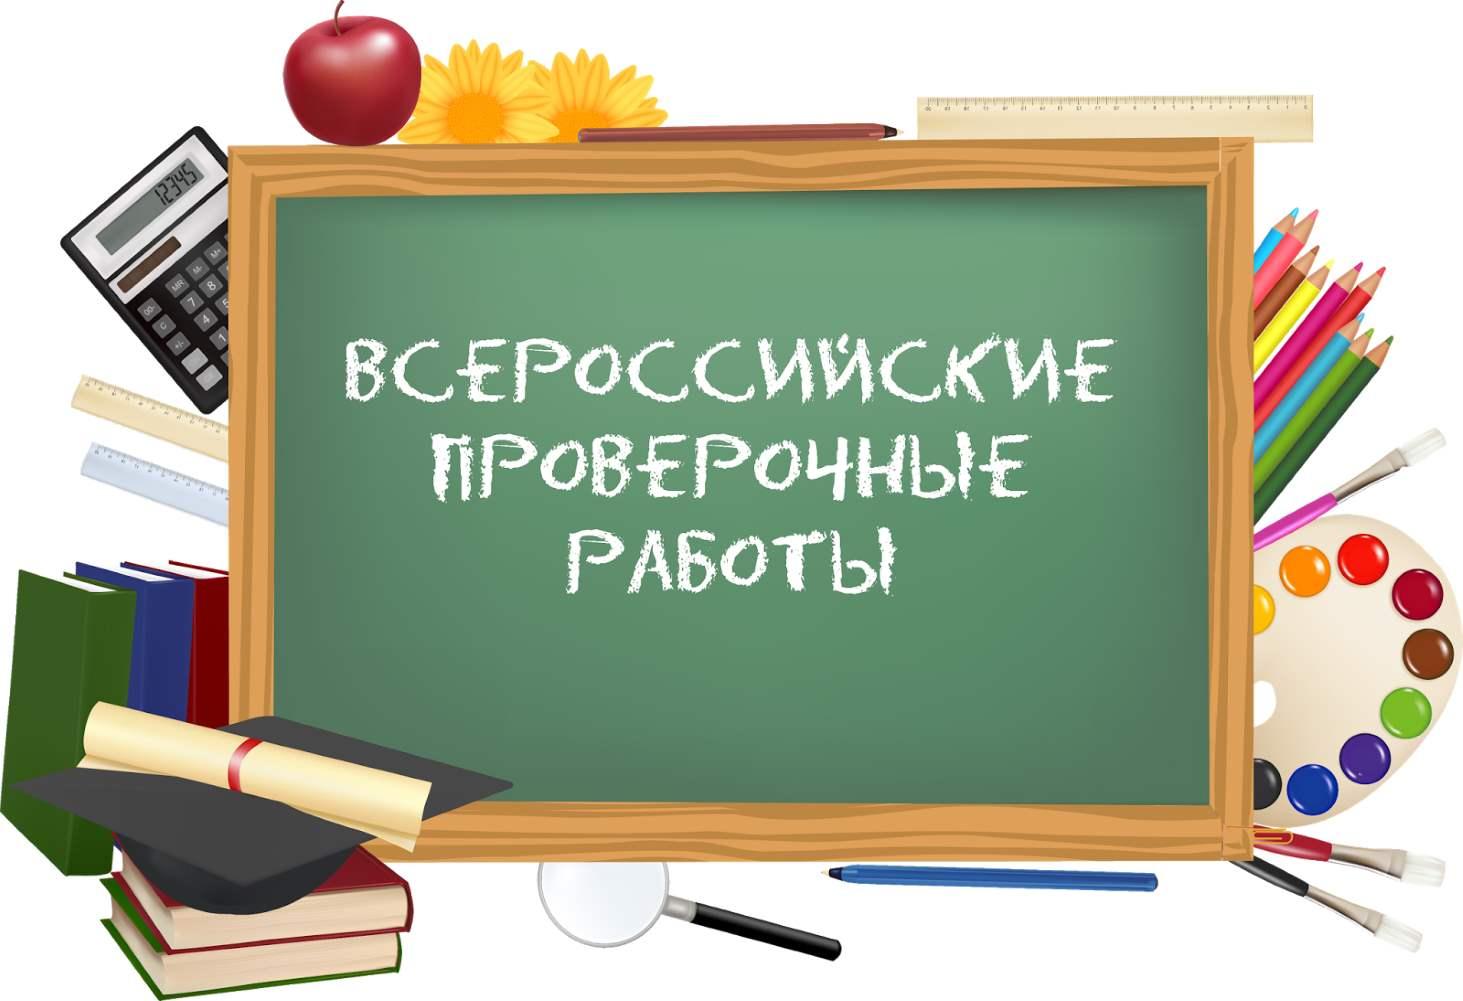 sergej-kravtsov-shkolniki-smogut-sdavat-vpr-iz-doma